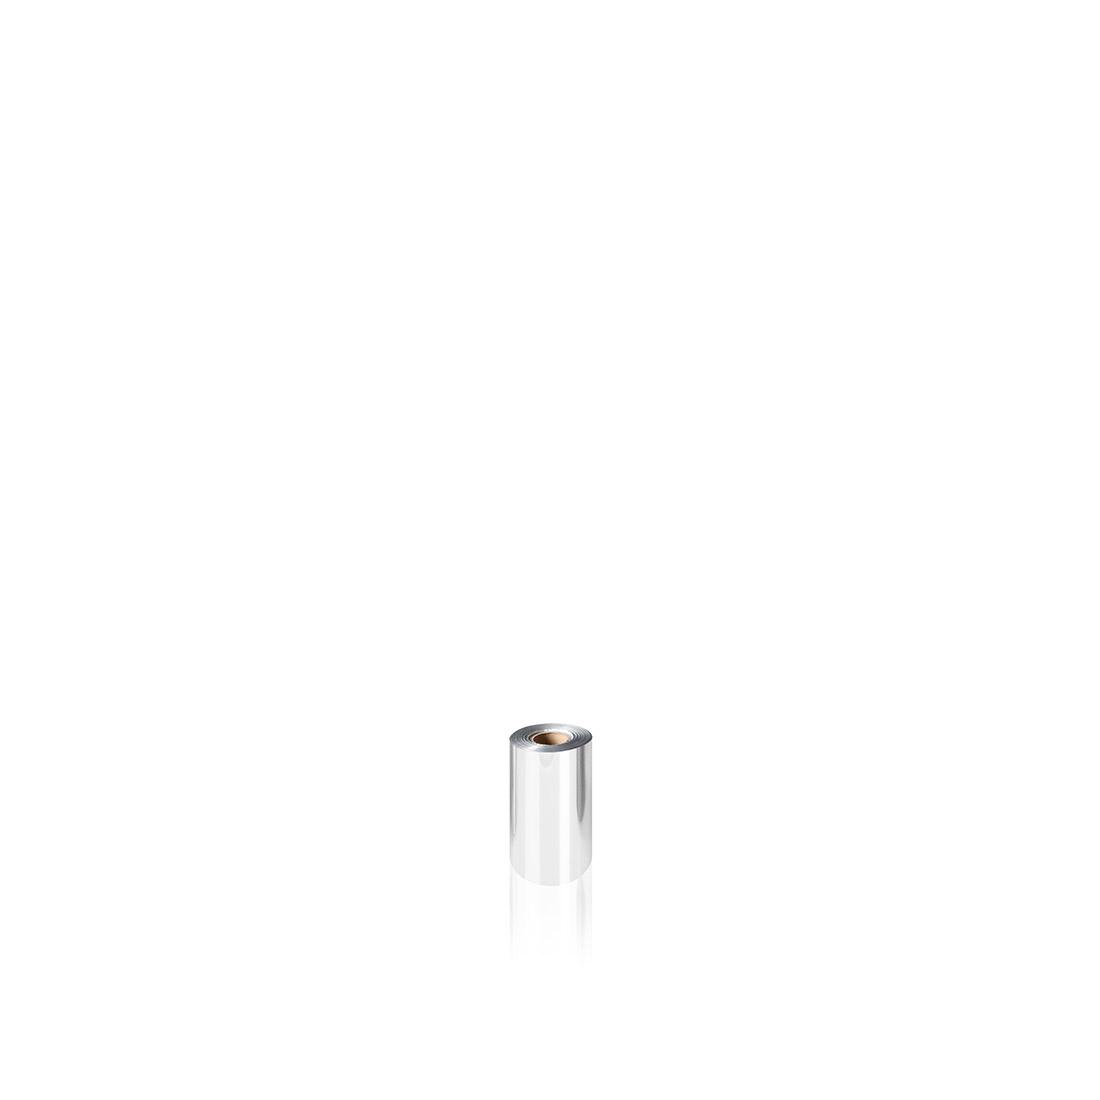 Uniwersalna folia do złoceń, nabłyszczeń w rolce - O.FOIL NEW UNIVERSAL - 10,6 cm x 120 m - srebrny